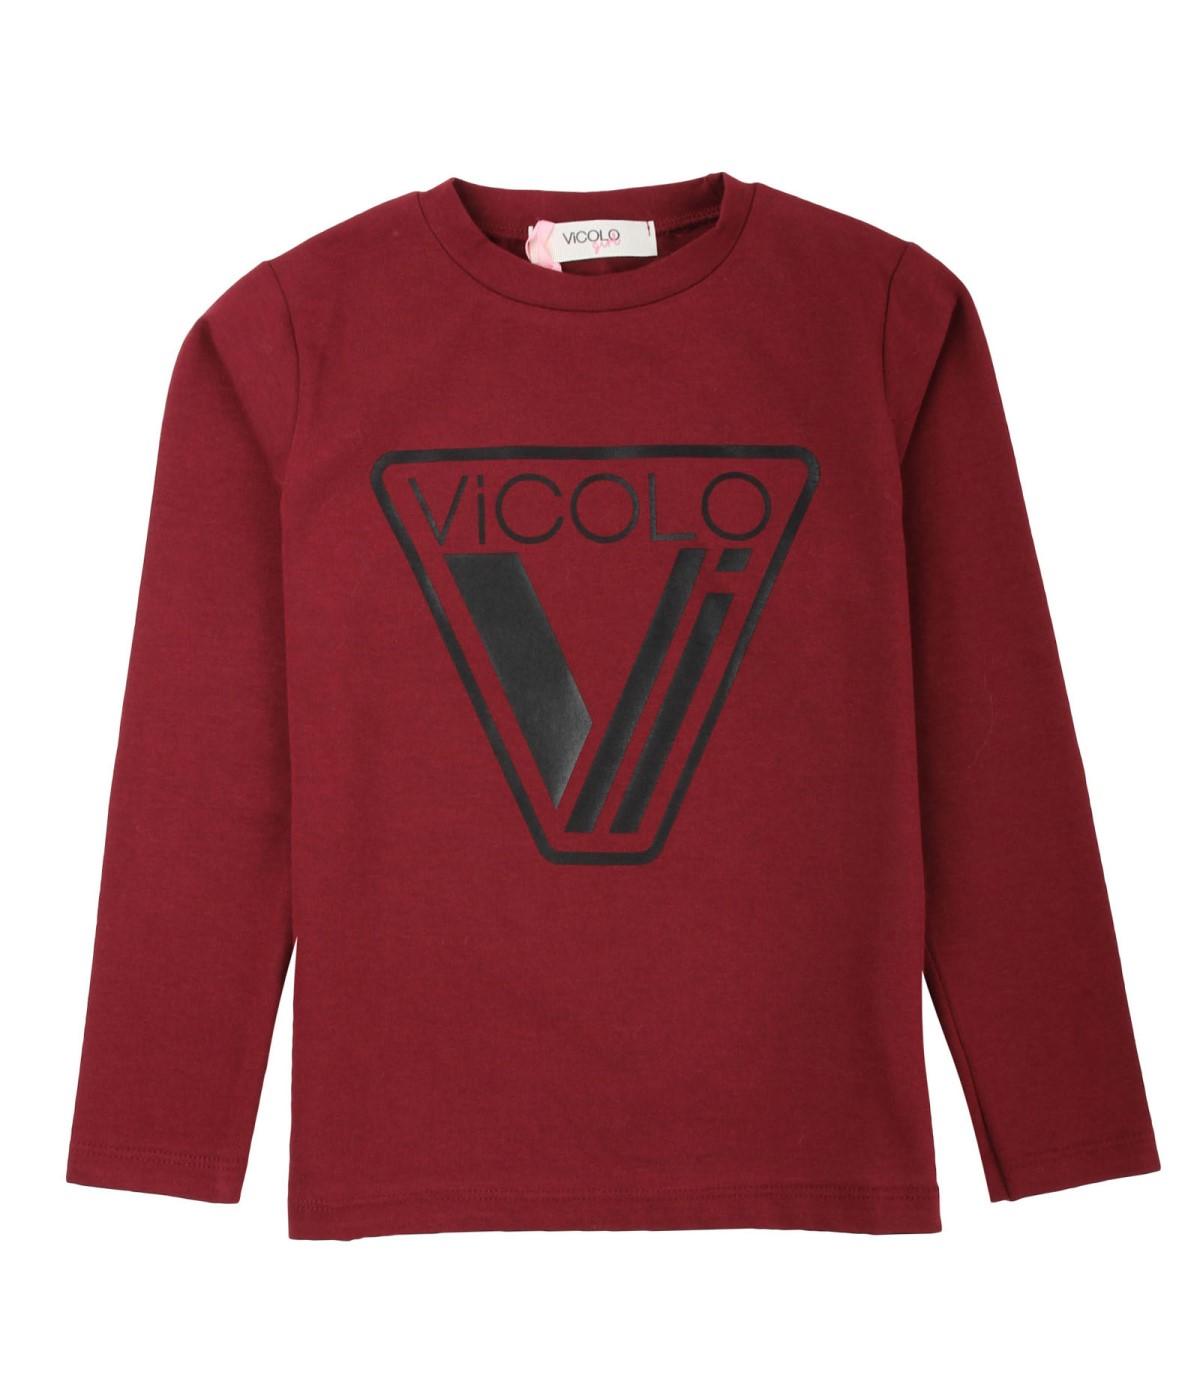 VICOLO GIRL T-SHIRT BAMBINA BORDEAUX DA 4 A 14 ANNI